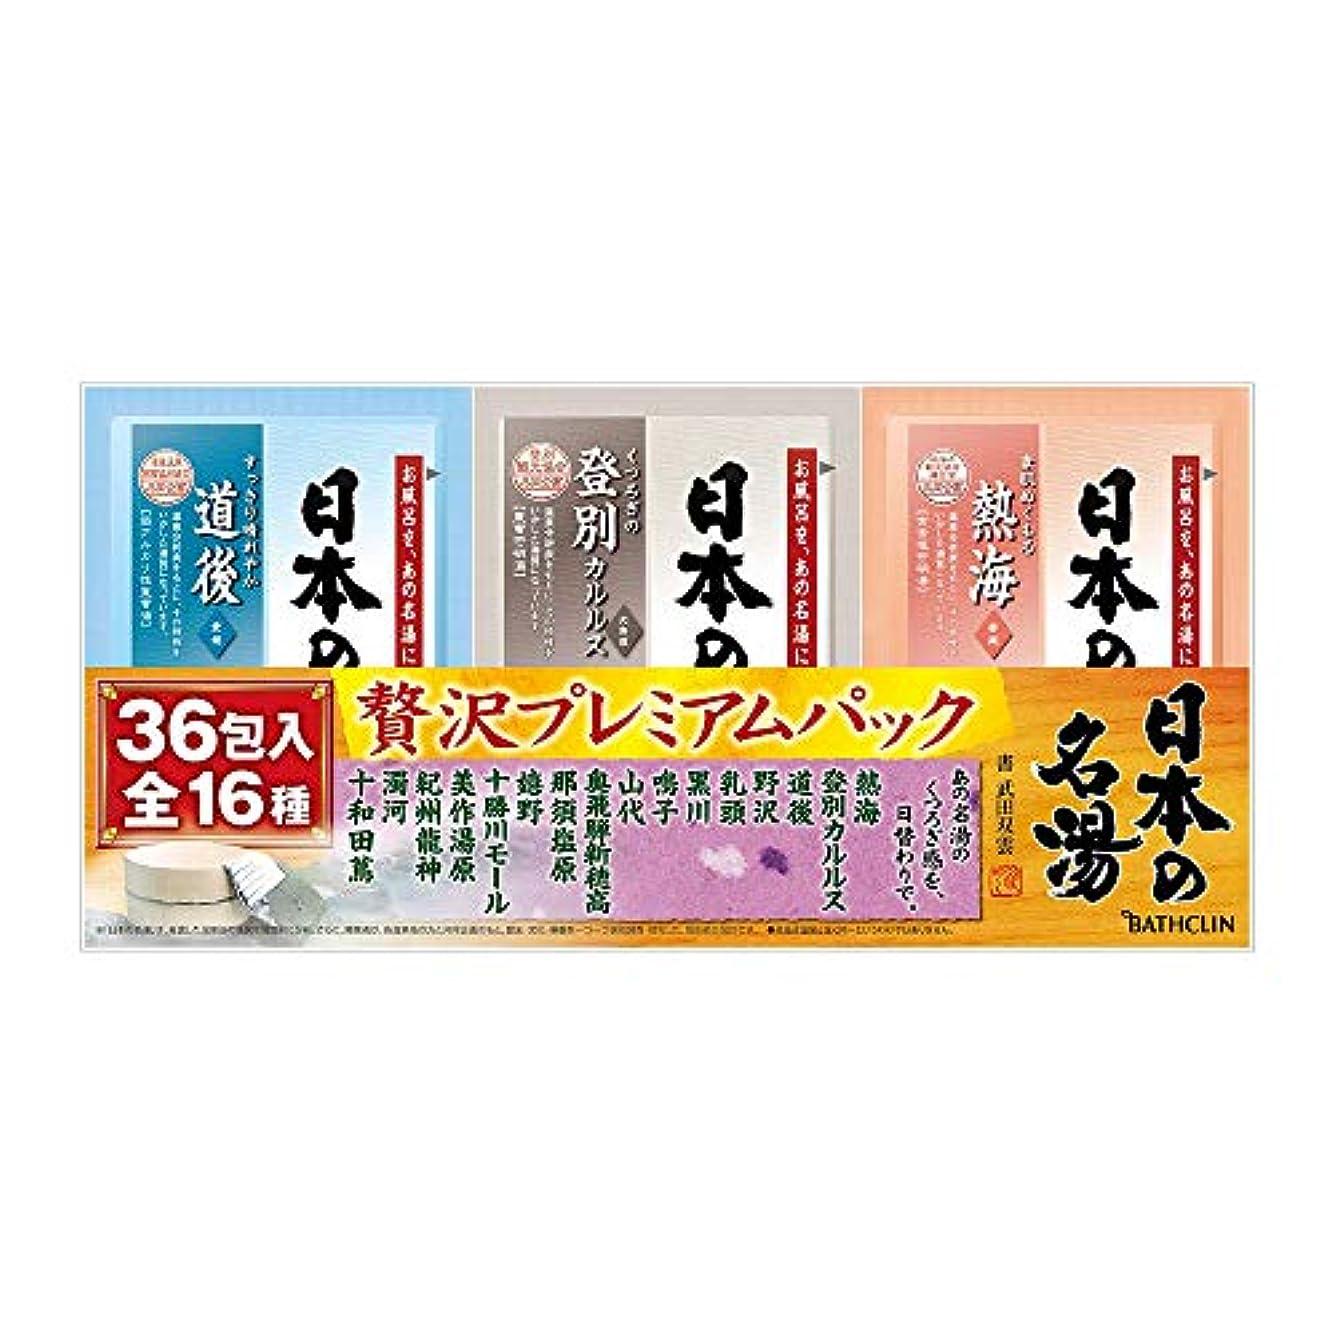 シャーロットブロンテ泥だらけ情熱的【医薬部外品/大容量】日本の名湯入浴剤 贅沢プレミアムパック36包入 個包装 詰め合わせ 温泉タイプ